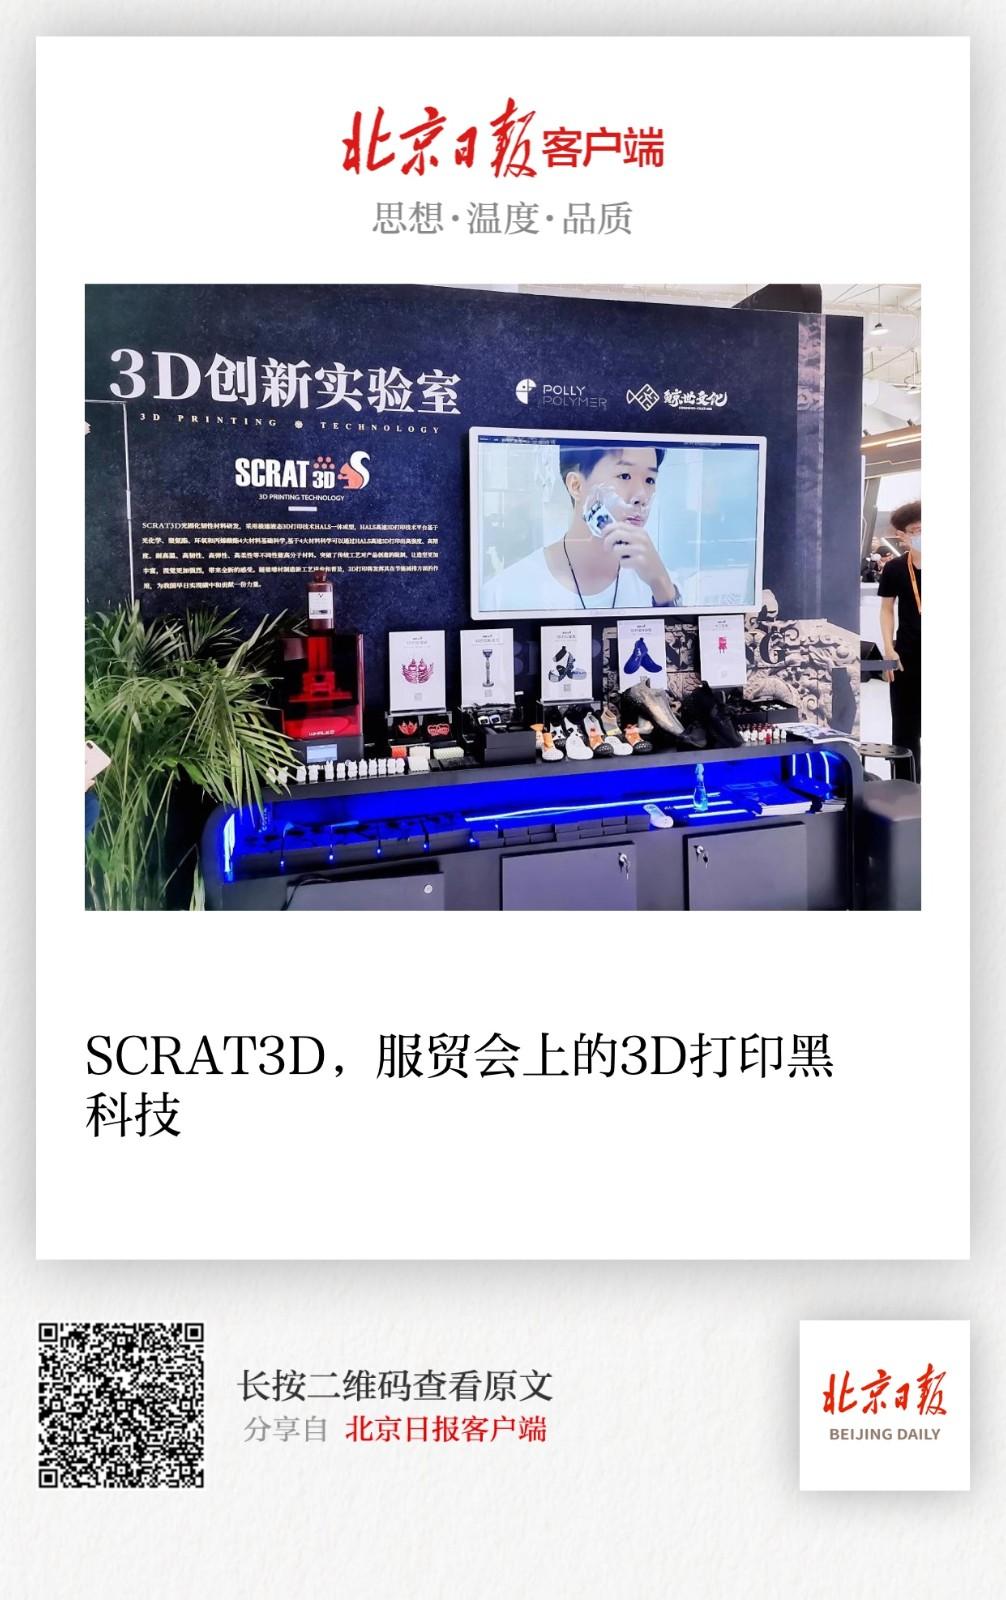 SCRAT3D,服贸会上的3D打印黑科技